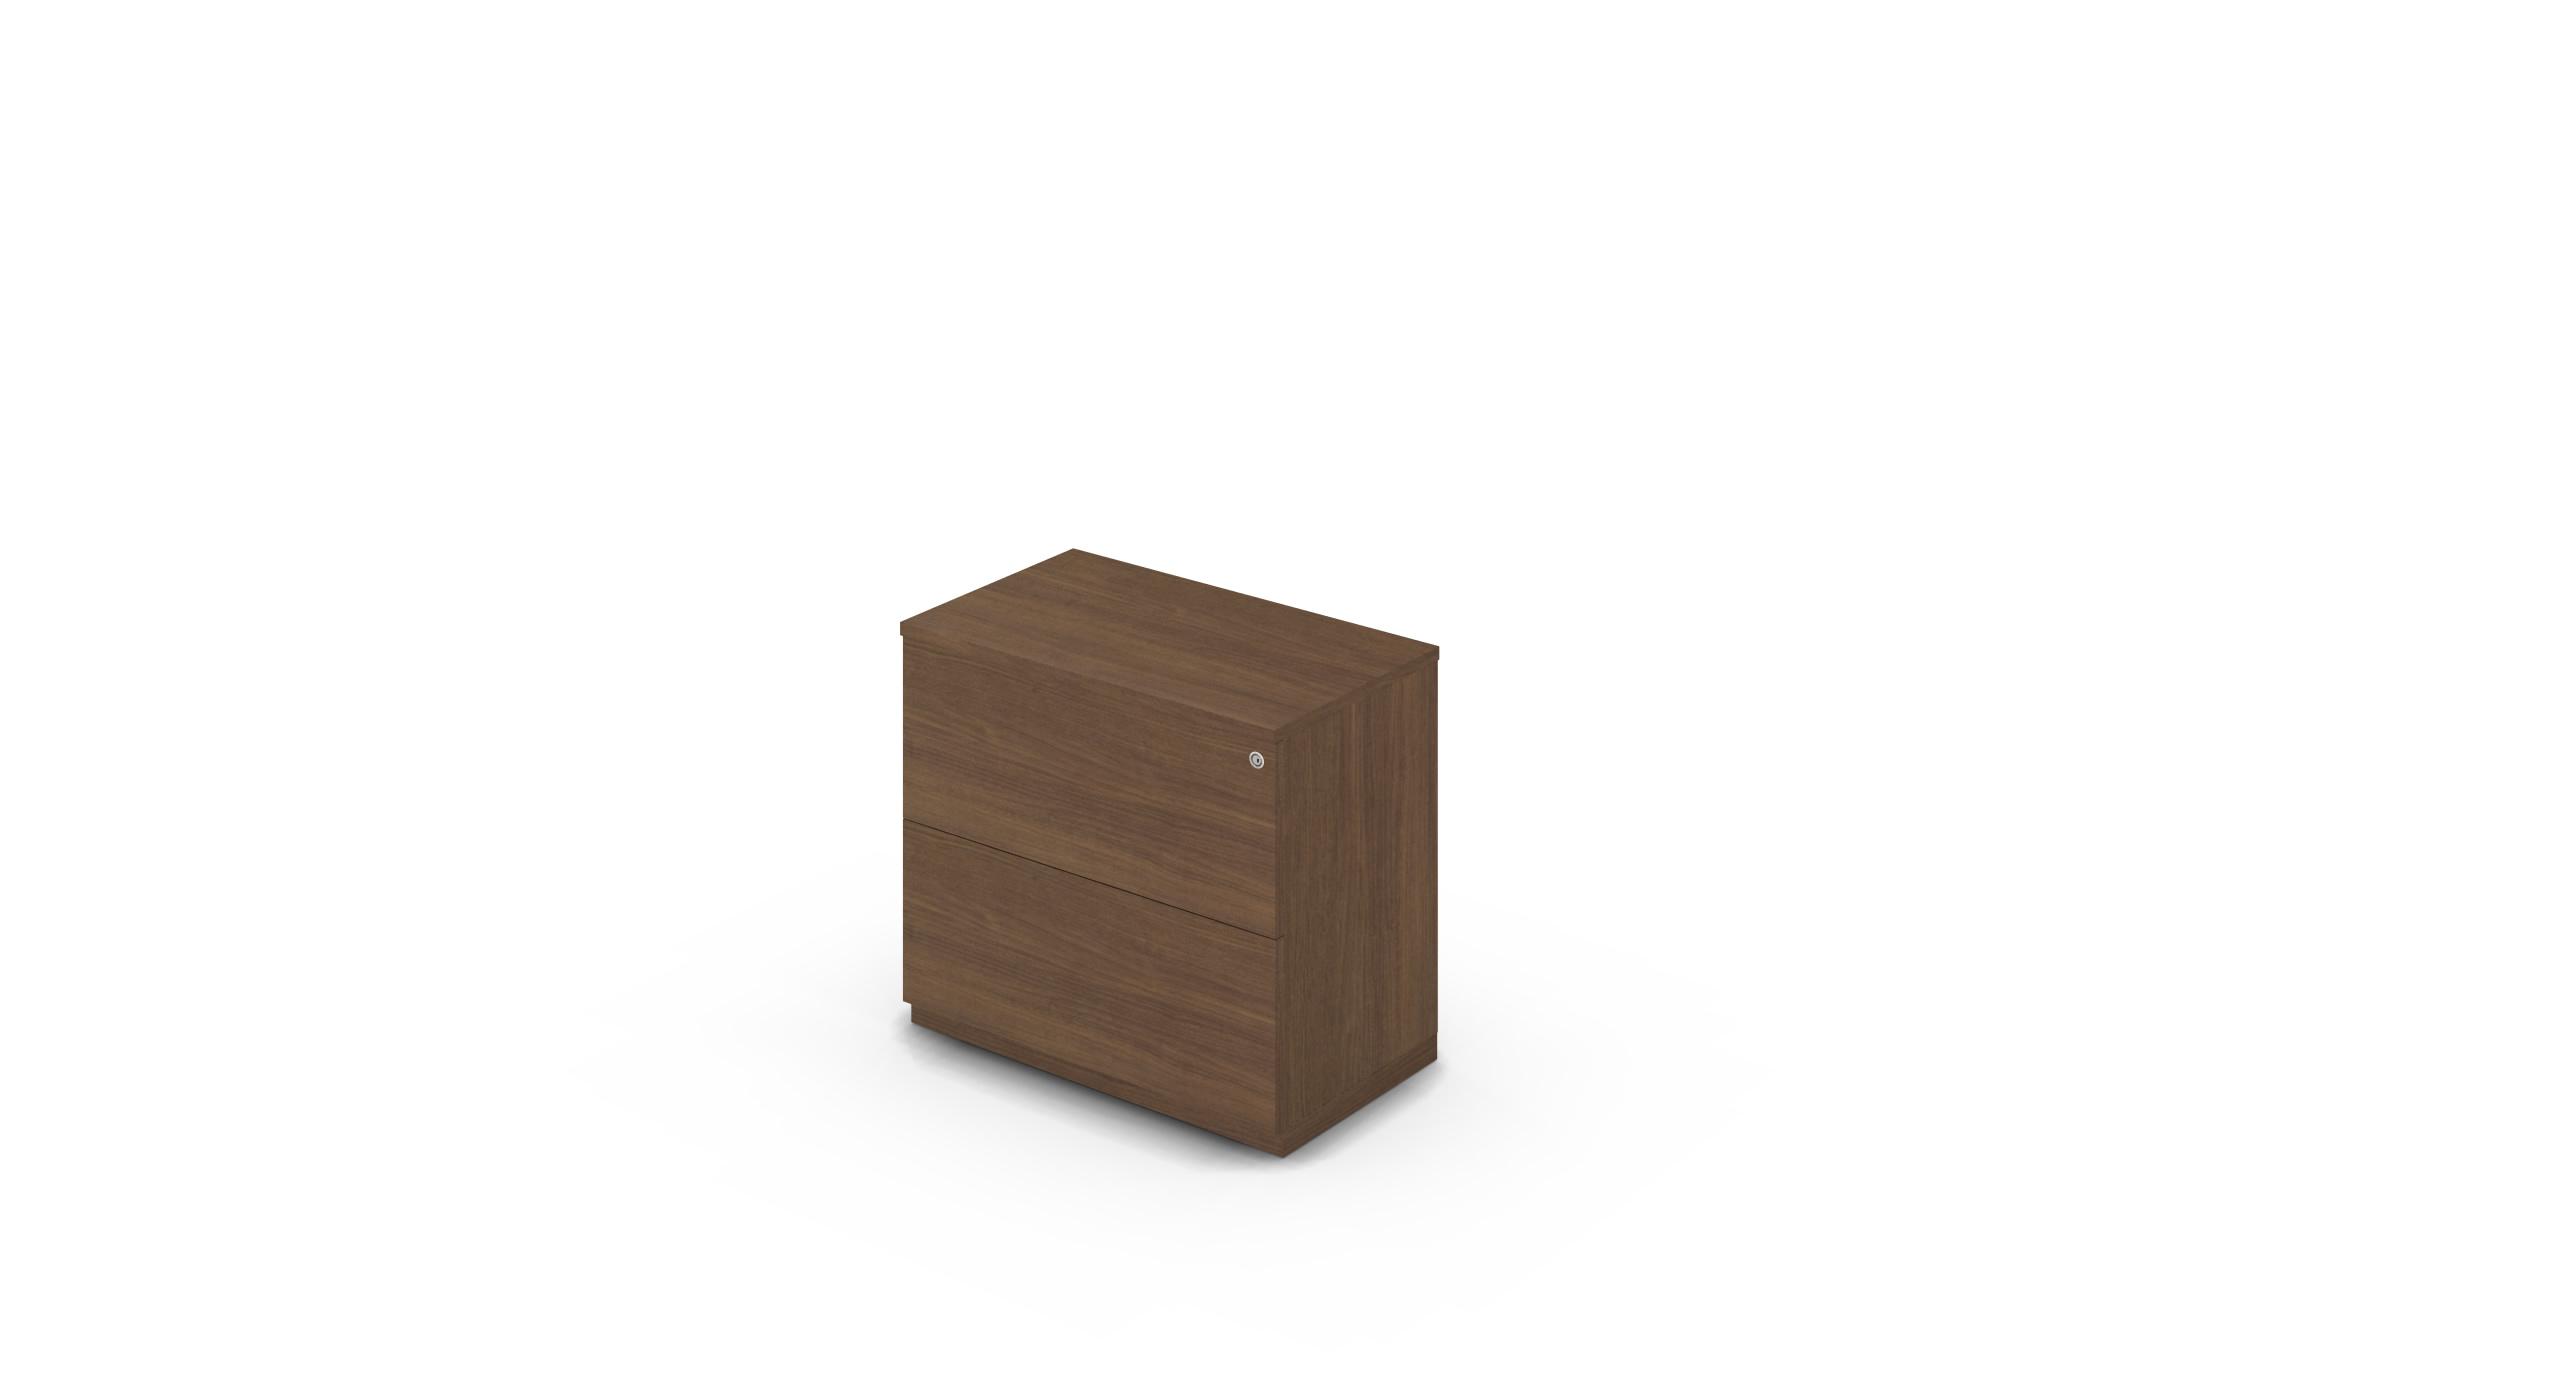 Cabinet_800x450x775_DR_Walnut_Push_WithCylinder